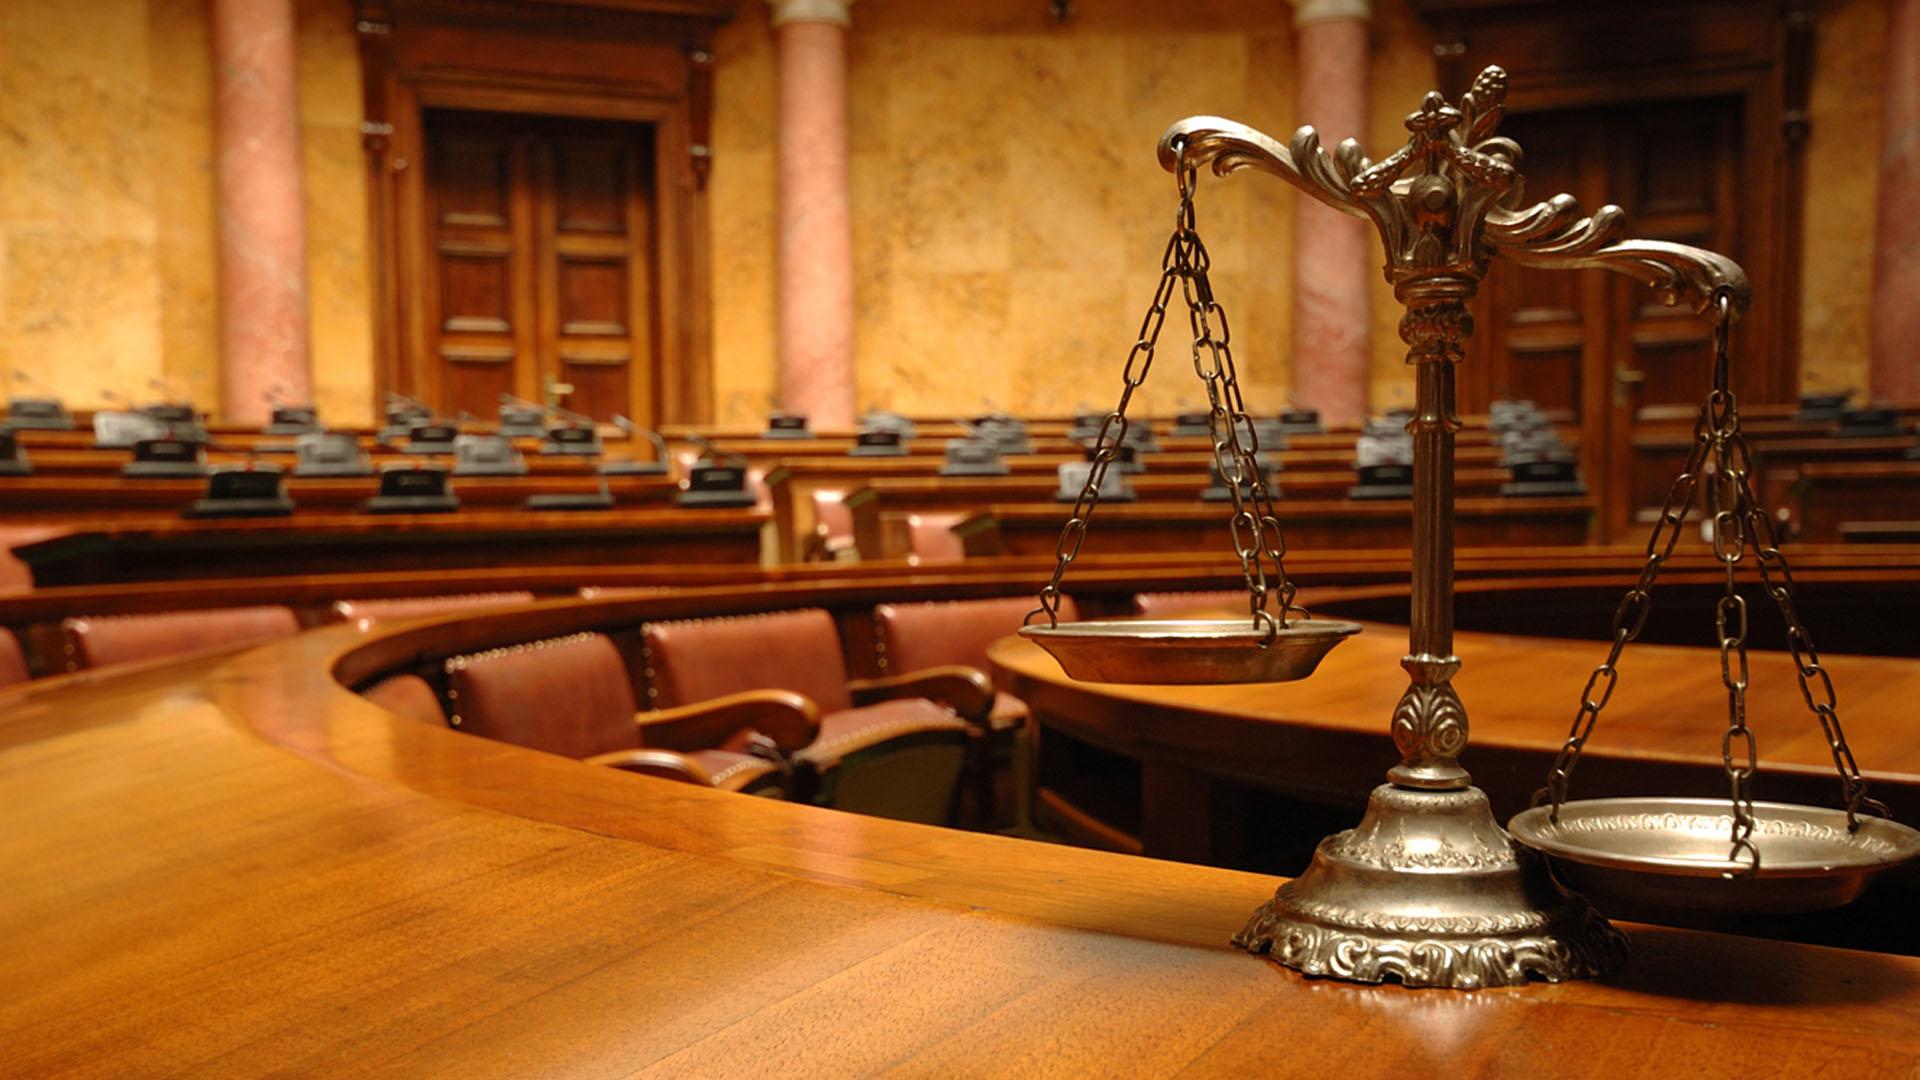 Un juzgado de la ciudad de Bastia, sentenció a una persona a dos años de cárcel y a otros cuatro con libertad condicional